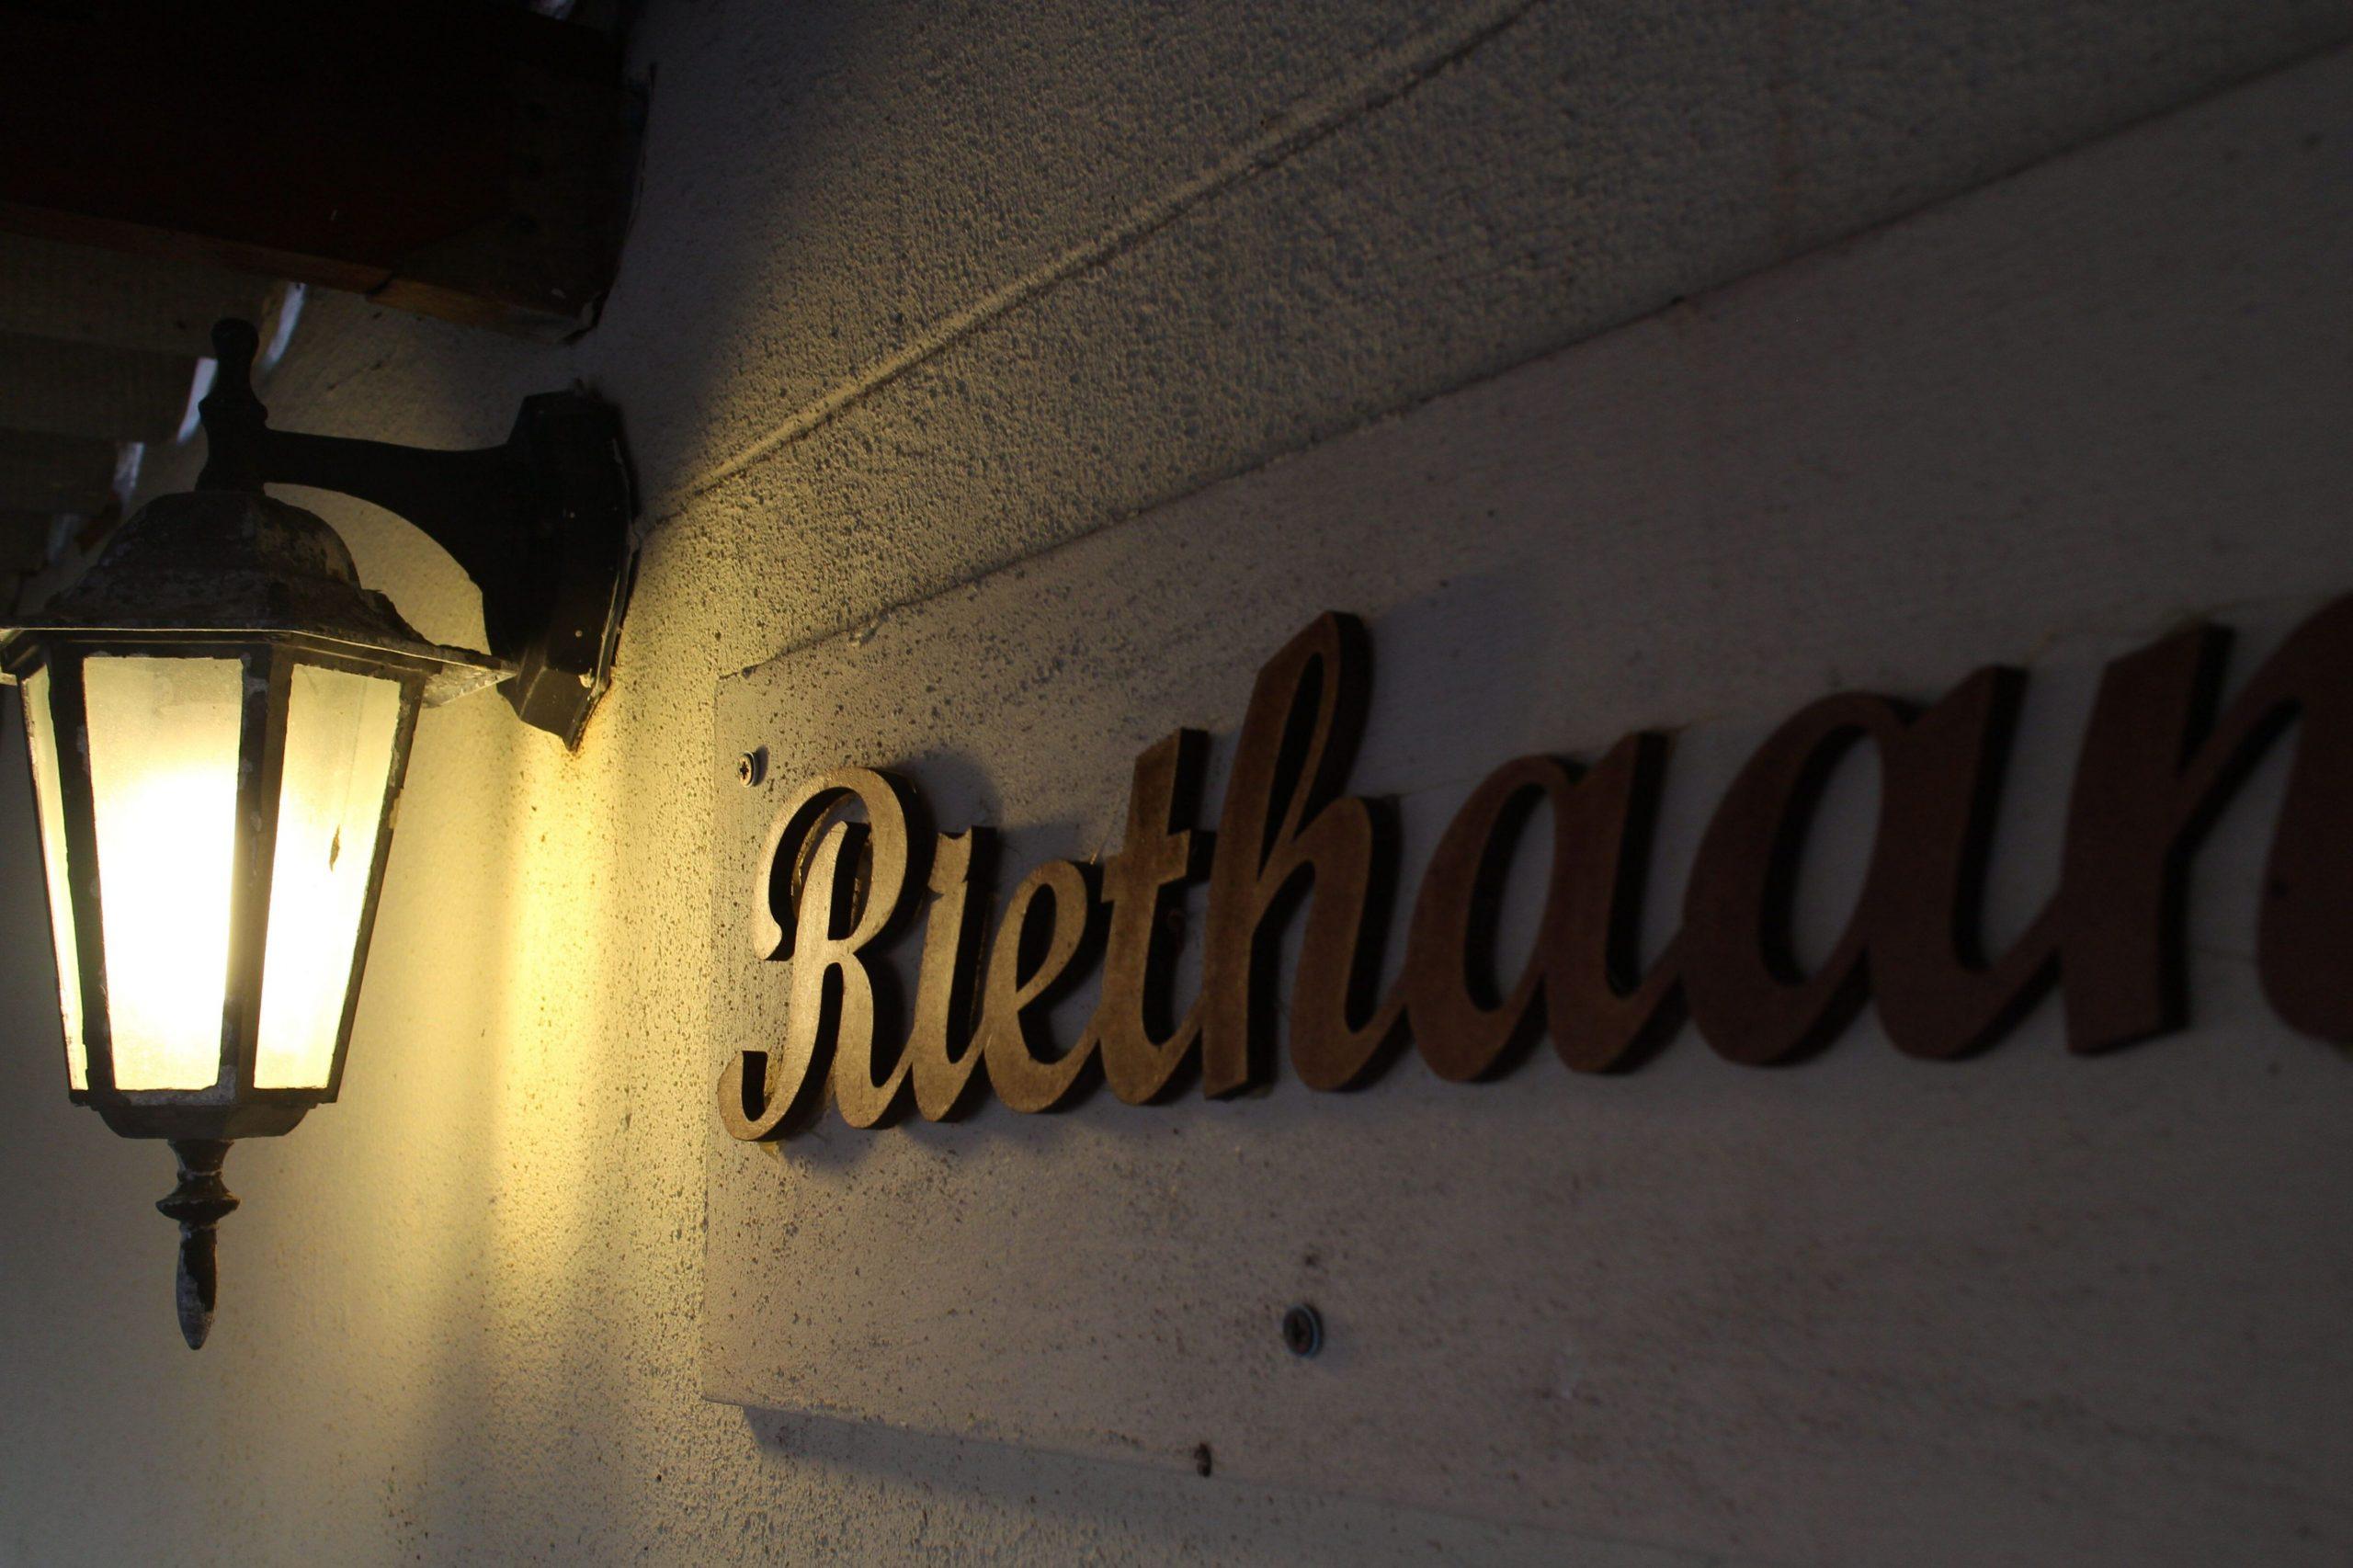 Kuifkopvisvanger - Riethaan, self catering accommodation in Velddrif, Berg River 8